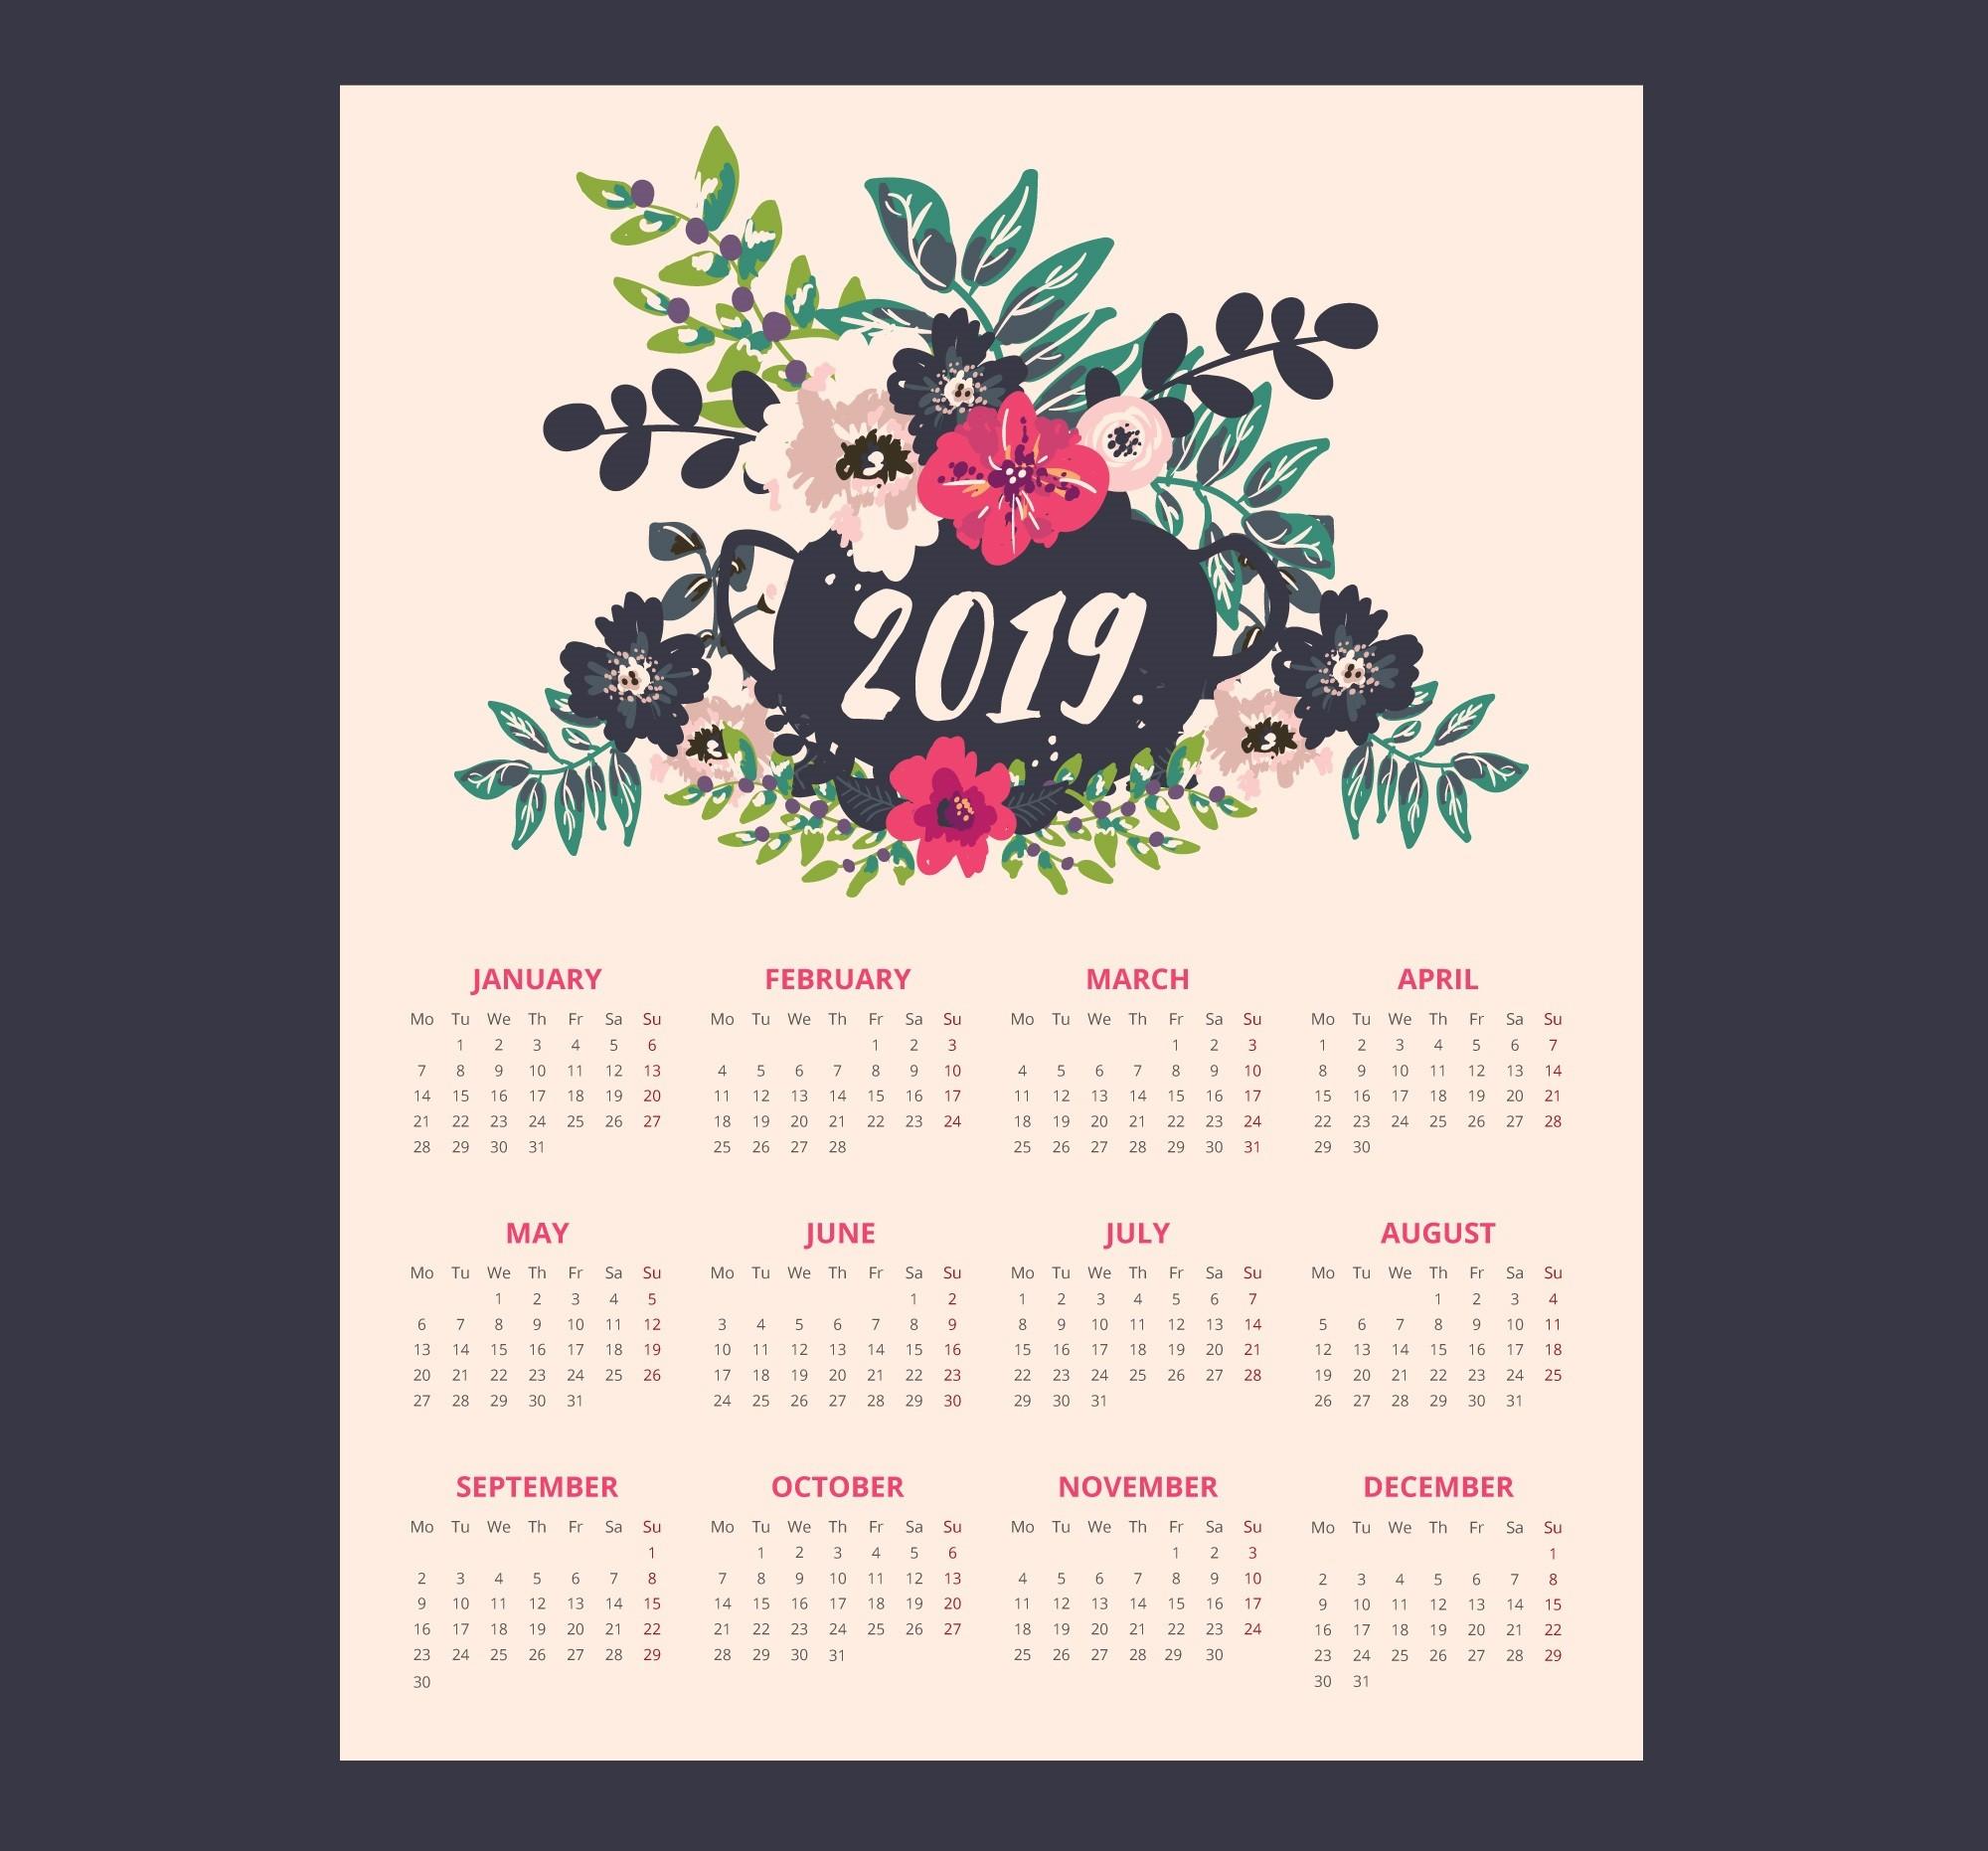 Kalender 2019 Pdf Free Download Más Populares Free Printable 2019 Calendar Of Kalender 2019 Pdf Free Download Más Recientes 28 New Printable Calendar with Holidays Download